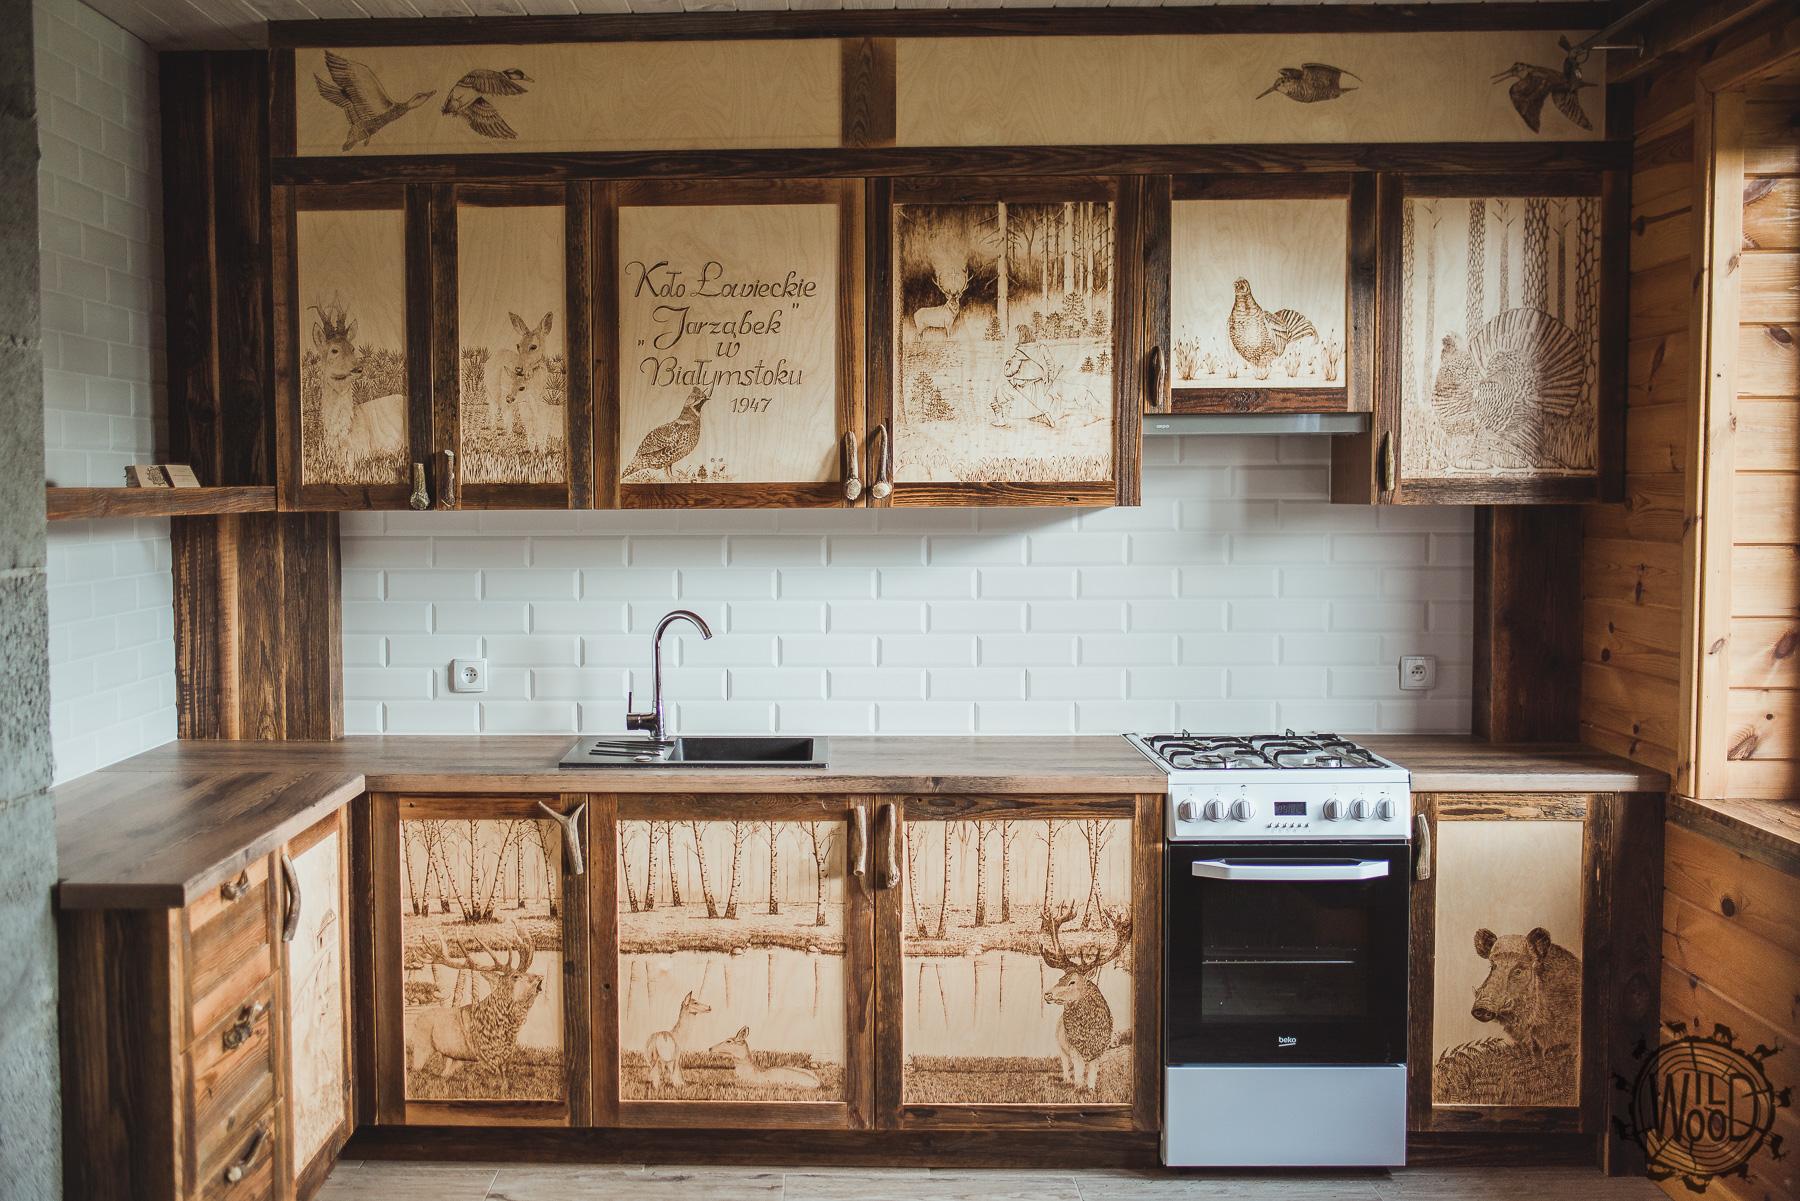 stolarz białystok, wildwood, stolarz podlasie, usługi stolarskie białystok, usługi stolarskie podlasie, nietypowe meble białystok, stolarz knyszyn, stolarz mońki, meble knyszyn, meble białystok, kuchnie na wymiar podlasie, kuchnia w stylu myśliwskim, polowanie, koło łowieckie jarząbek białystok, kuchnia myśliwska, meble myśliwskie, meble na wymiar podlasie